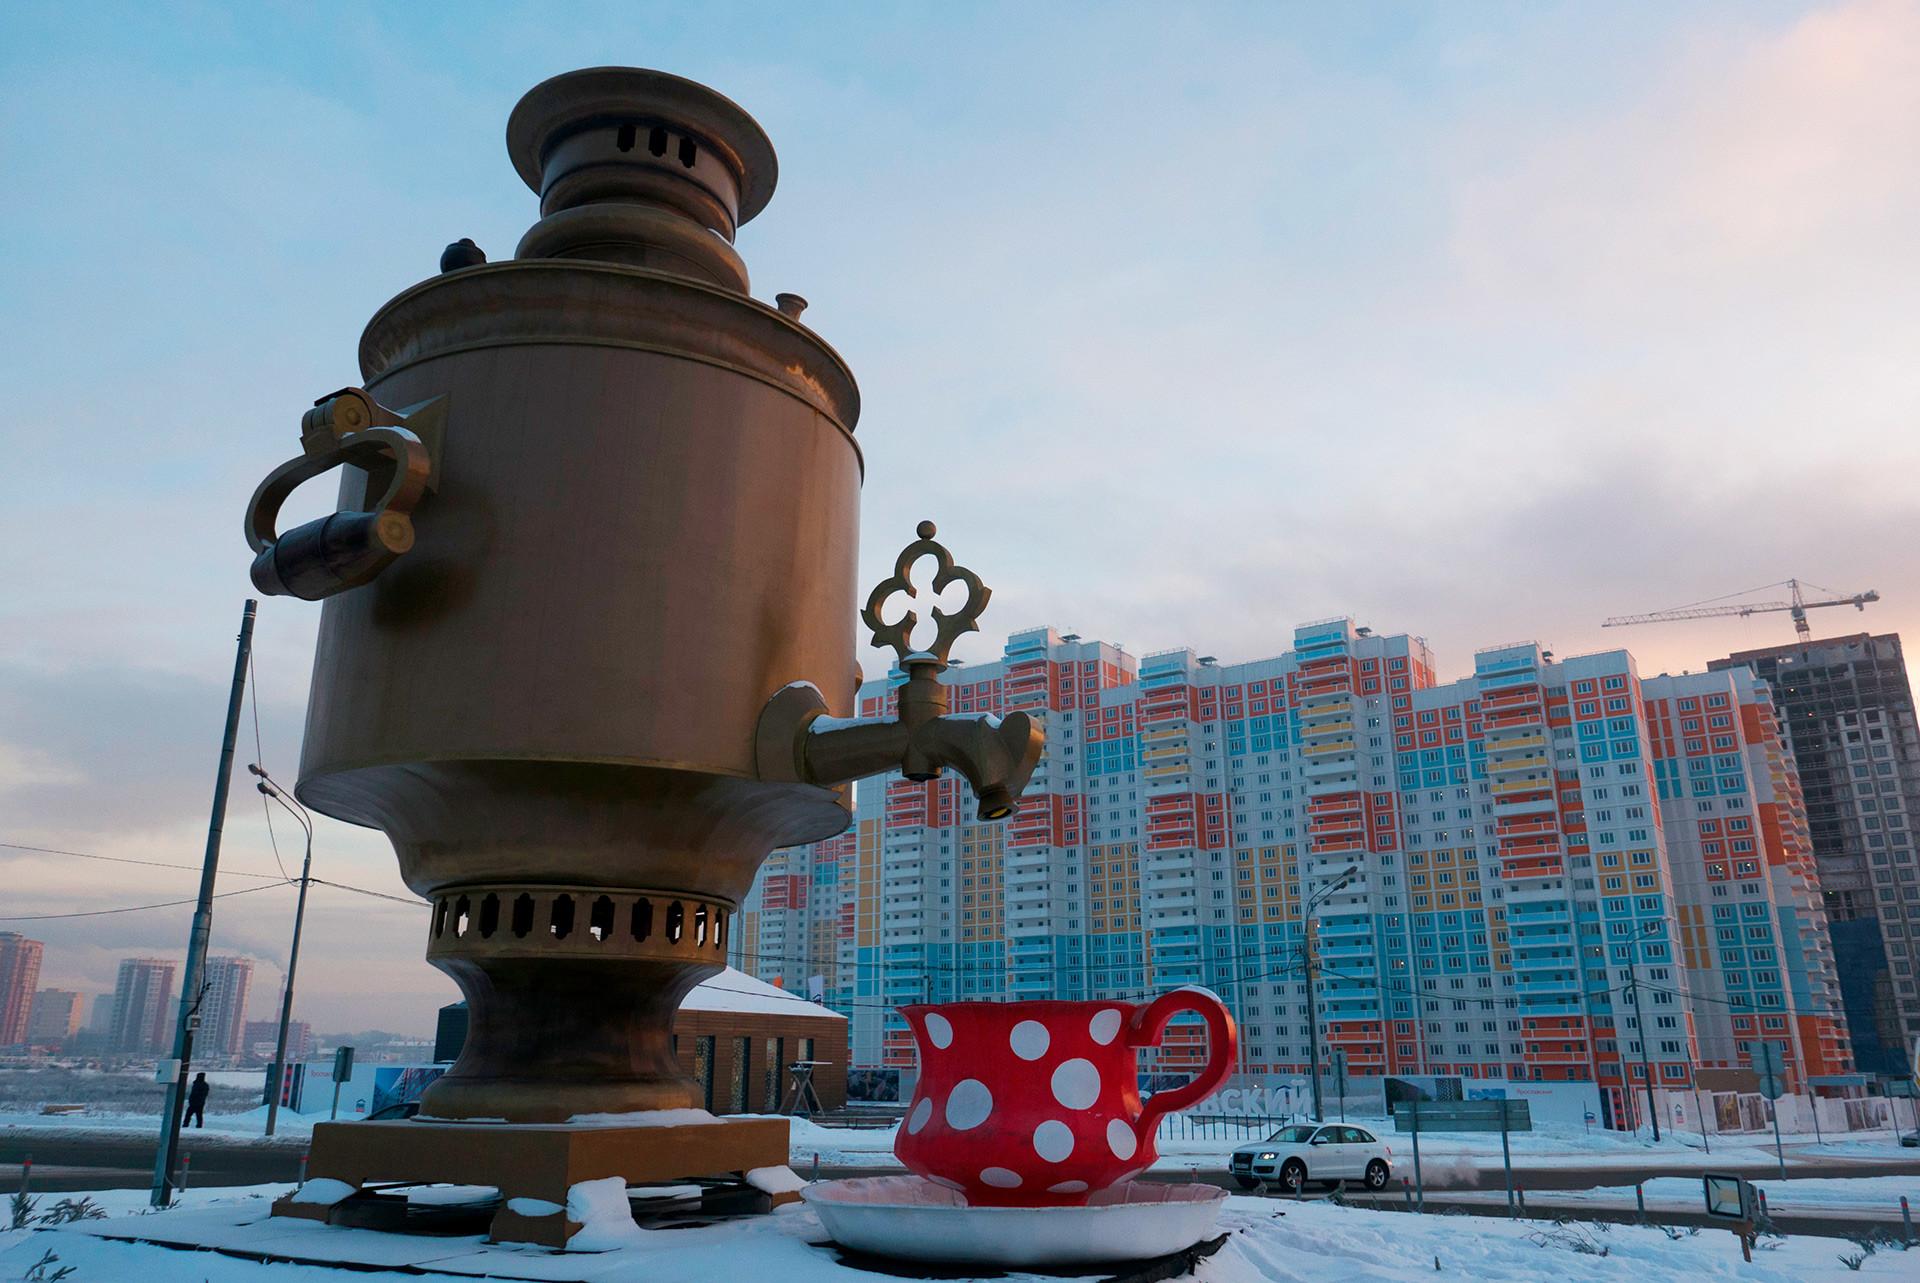 モスクワ州ムィティシ市にある8㍍のサモワールの彫刻。